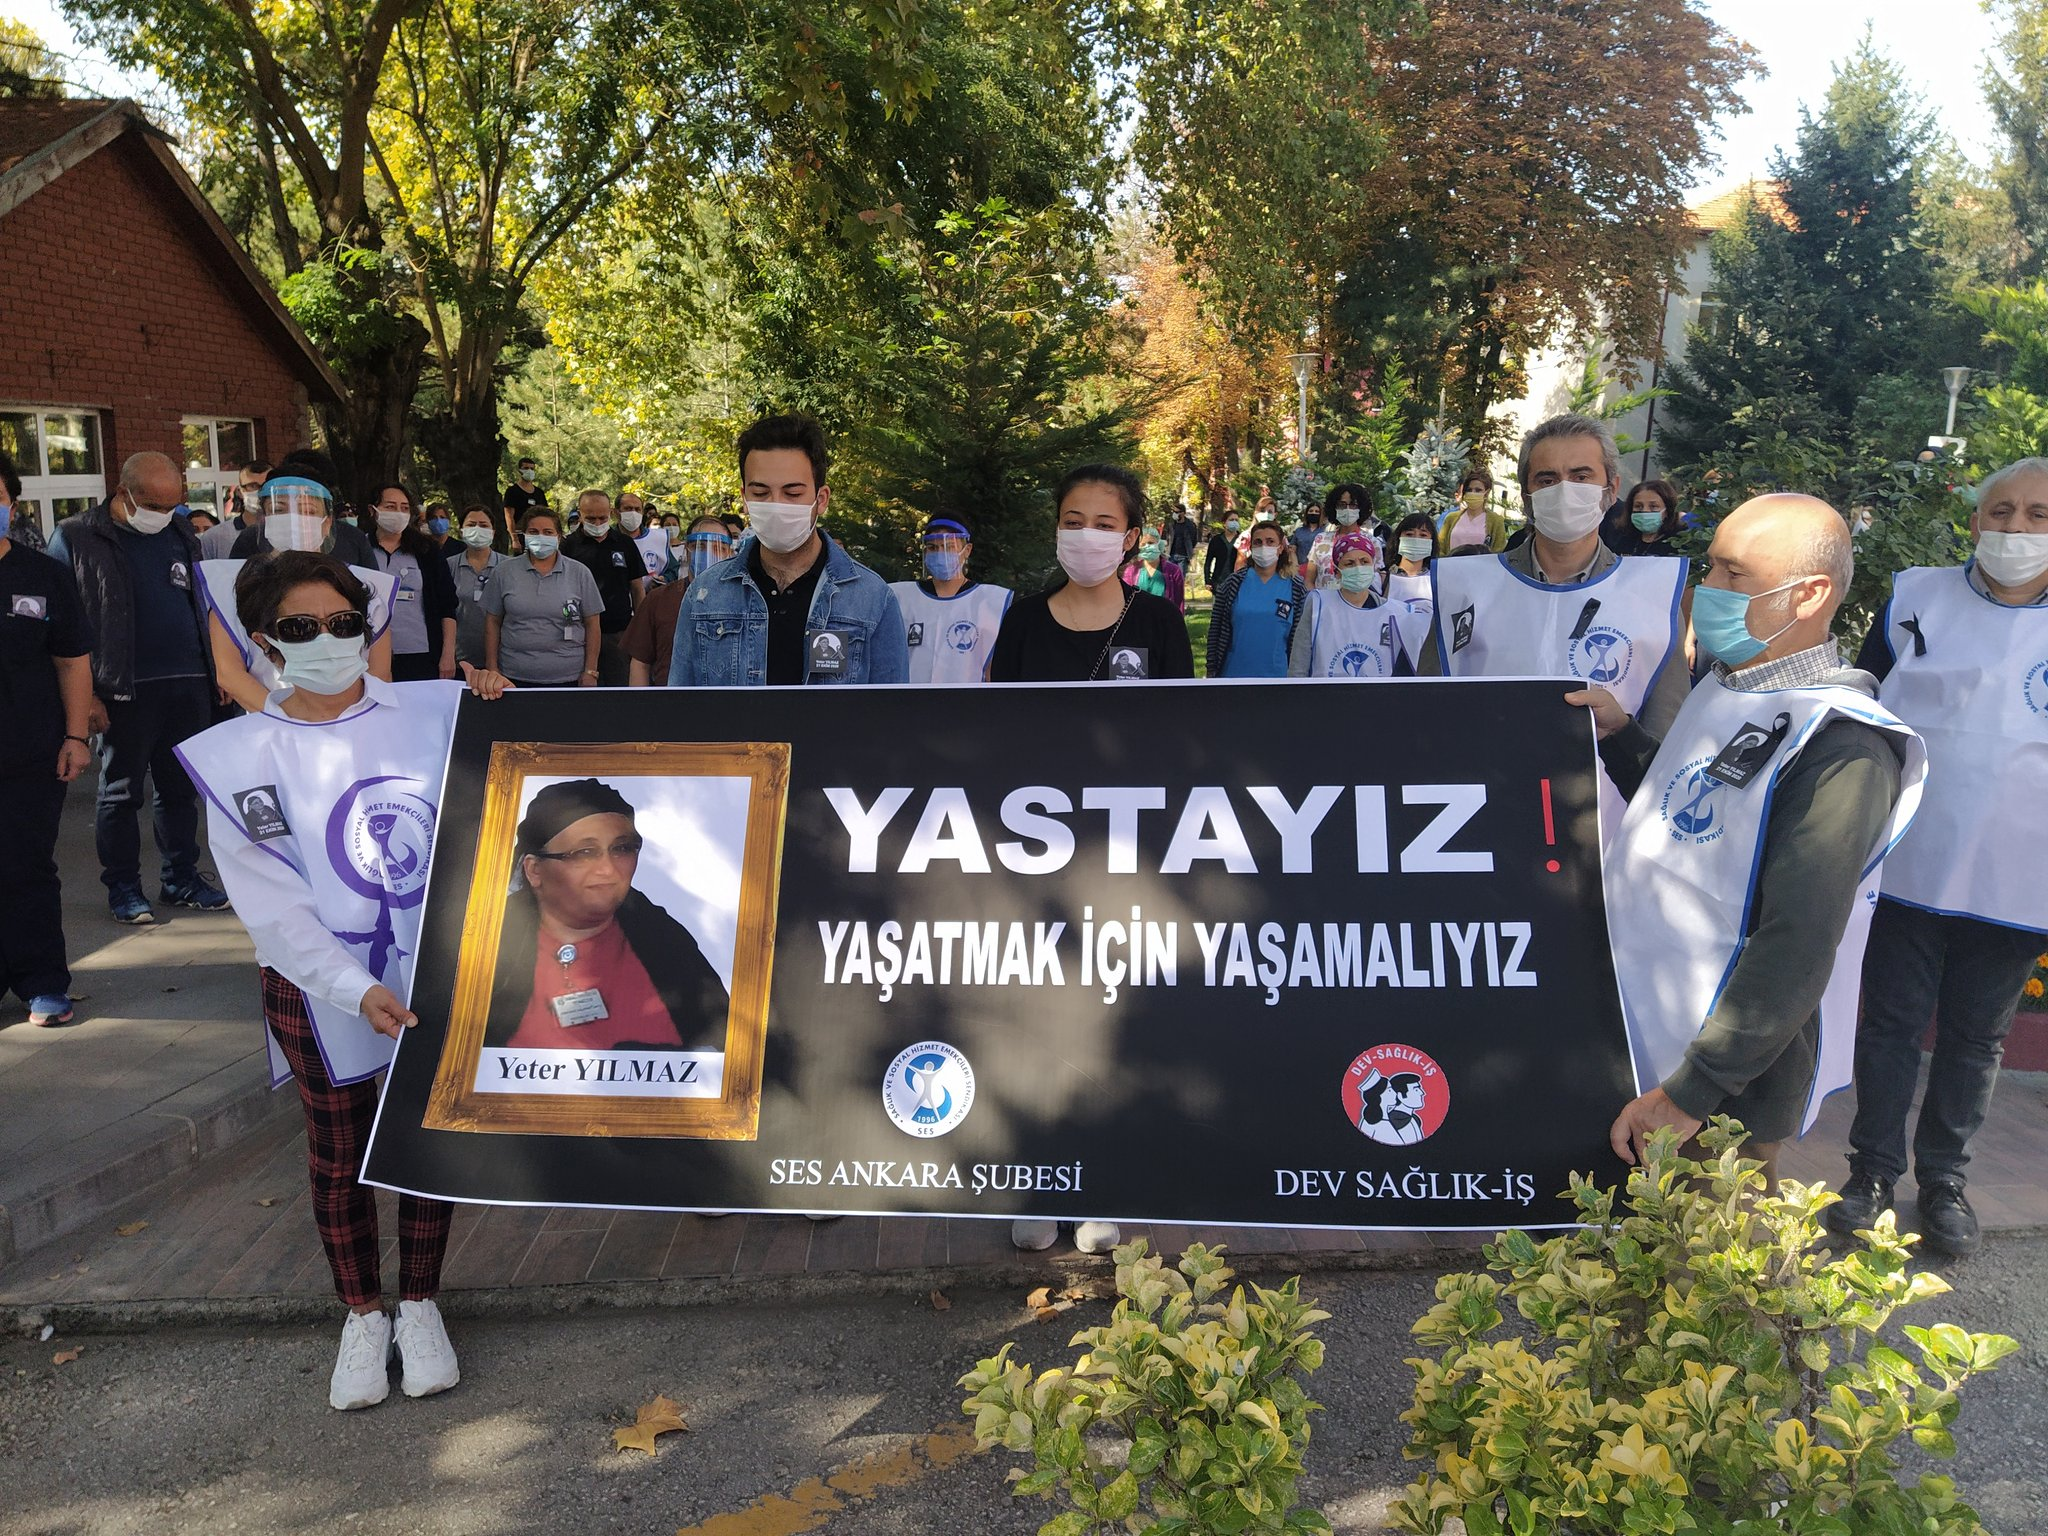 Ankara Şubemiz ve Dev Sağlık-İş Ankara Üniversitesi Tıp Fakültesi Cebeci Hastanesi'nde Covid Nedeniyle Yaşamını Yitiren Sağlık Emekçisi İçin Anma Gerçekleştirdi: Artık Yeter, Yaşatmak İçin Yaşamalıyız